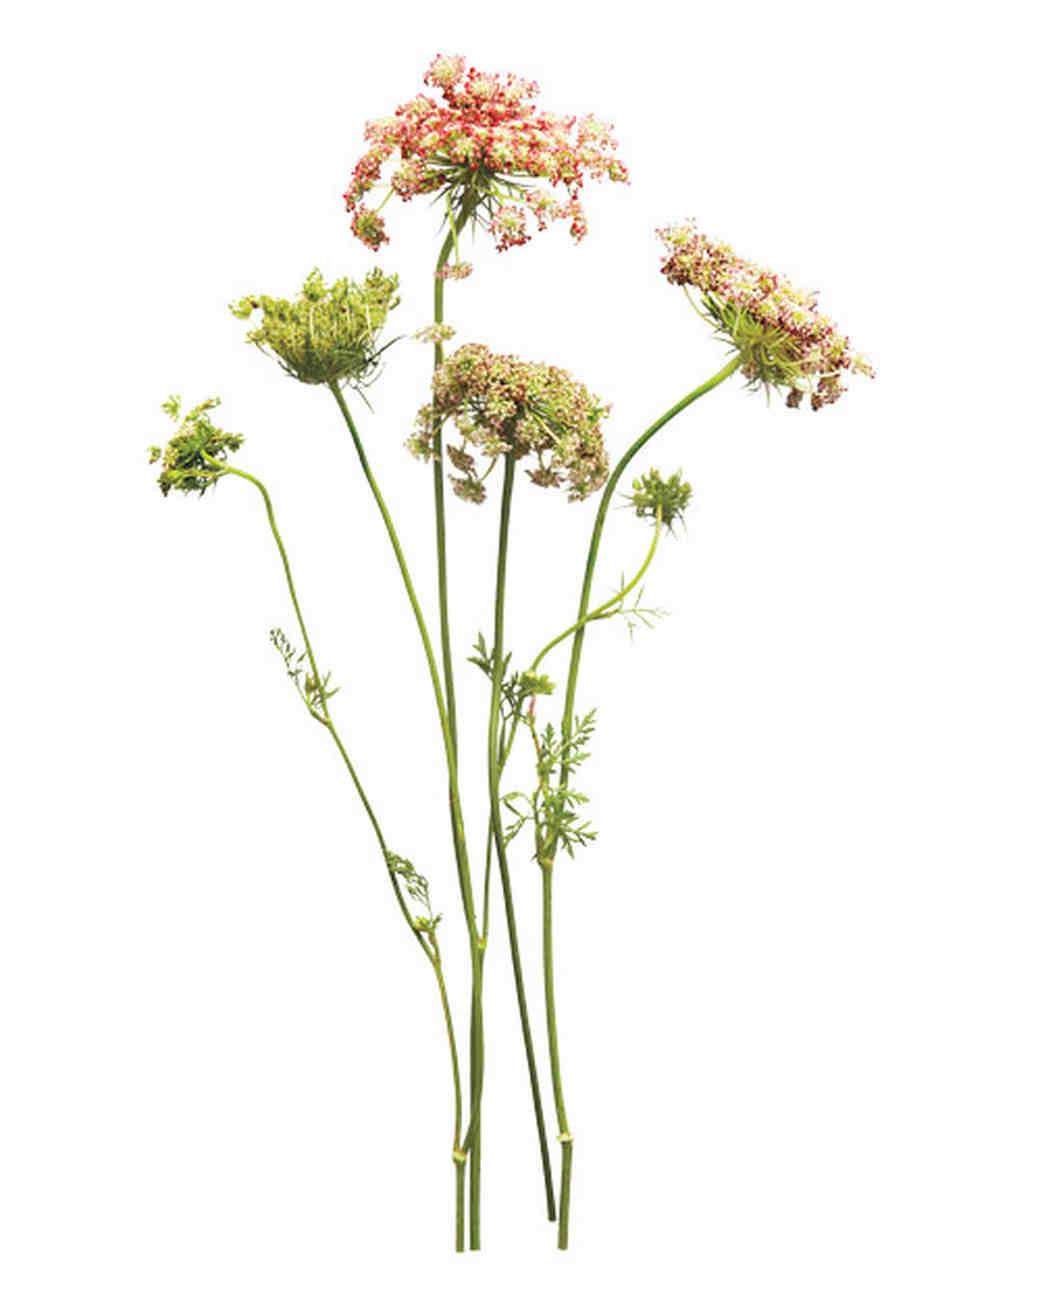 flowers-sum11mwd107158.jpg